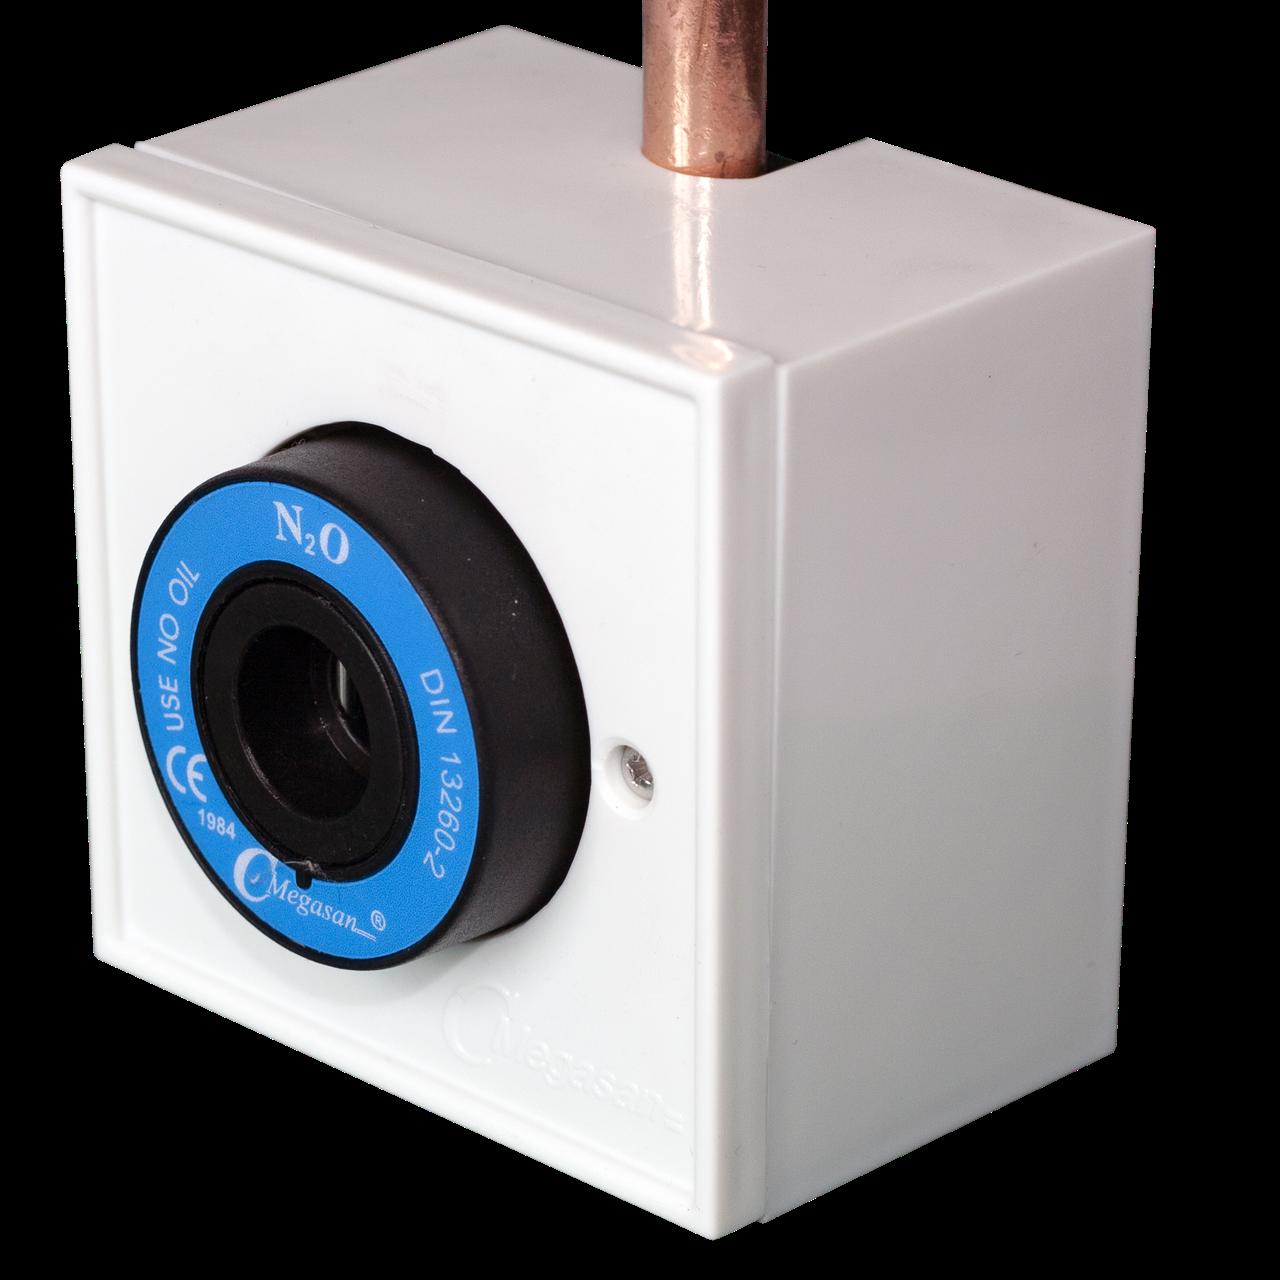 Розетка газовая, в корпусе, закись азота  - DIN - пневматическая 10 мм